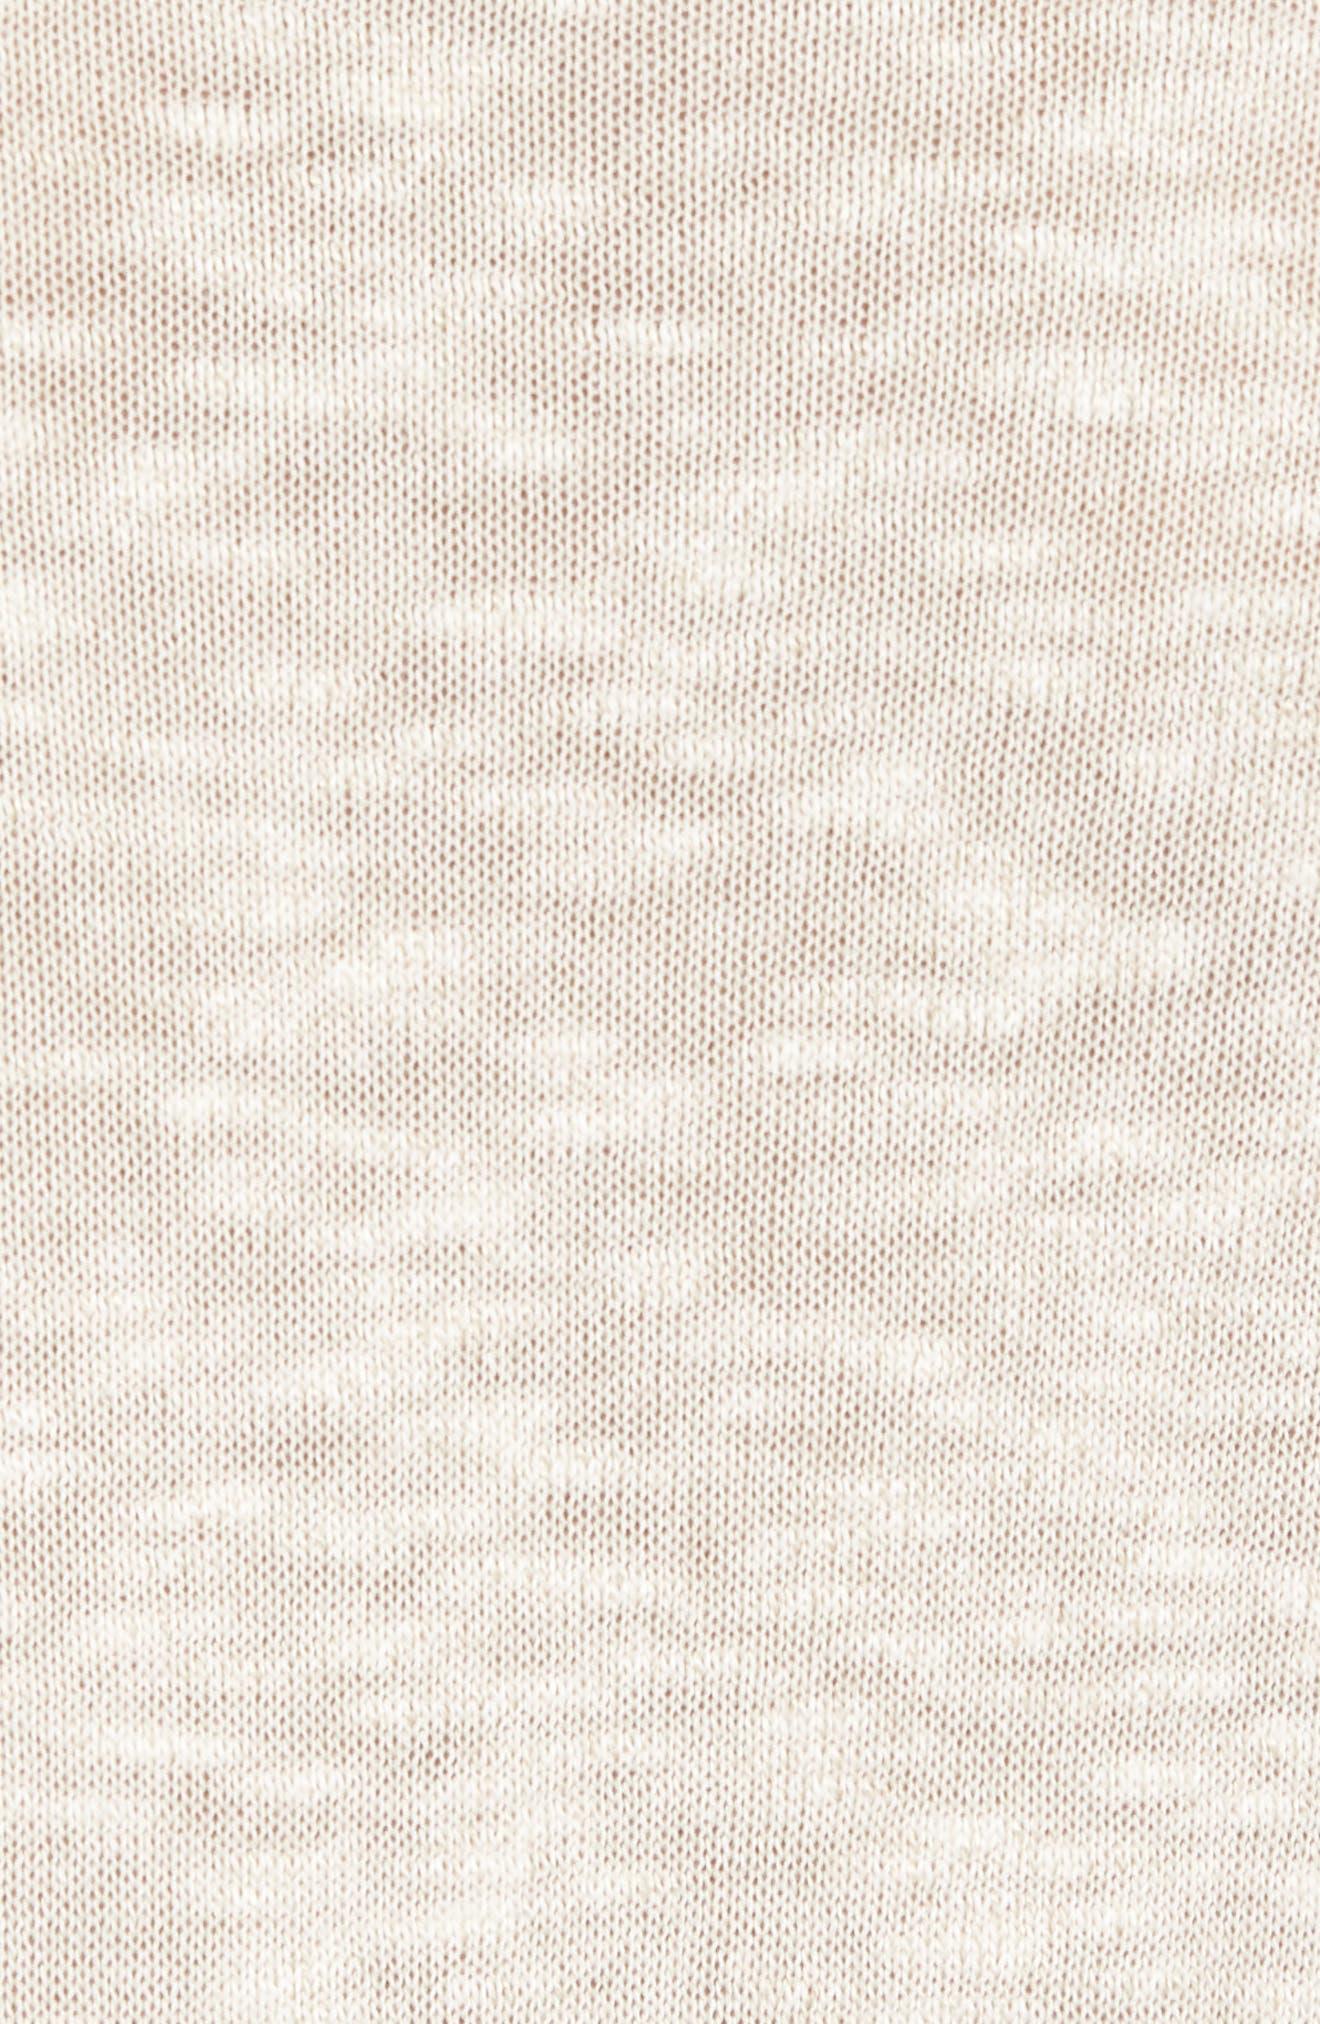 Slim Fit Cotton Blend Sweater,                             Alternate thumbnail 9, color,